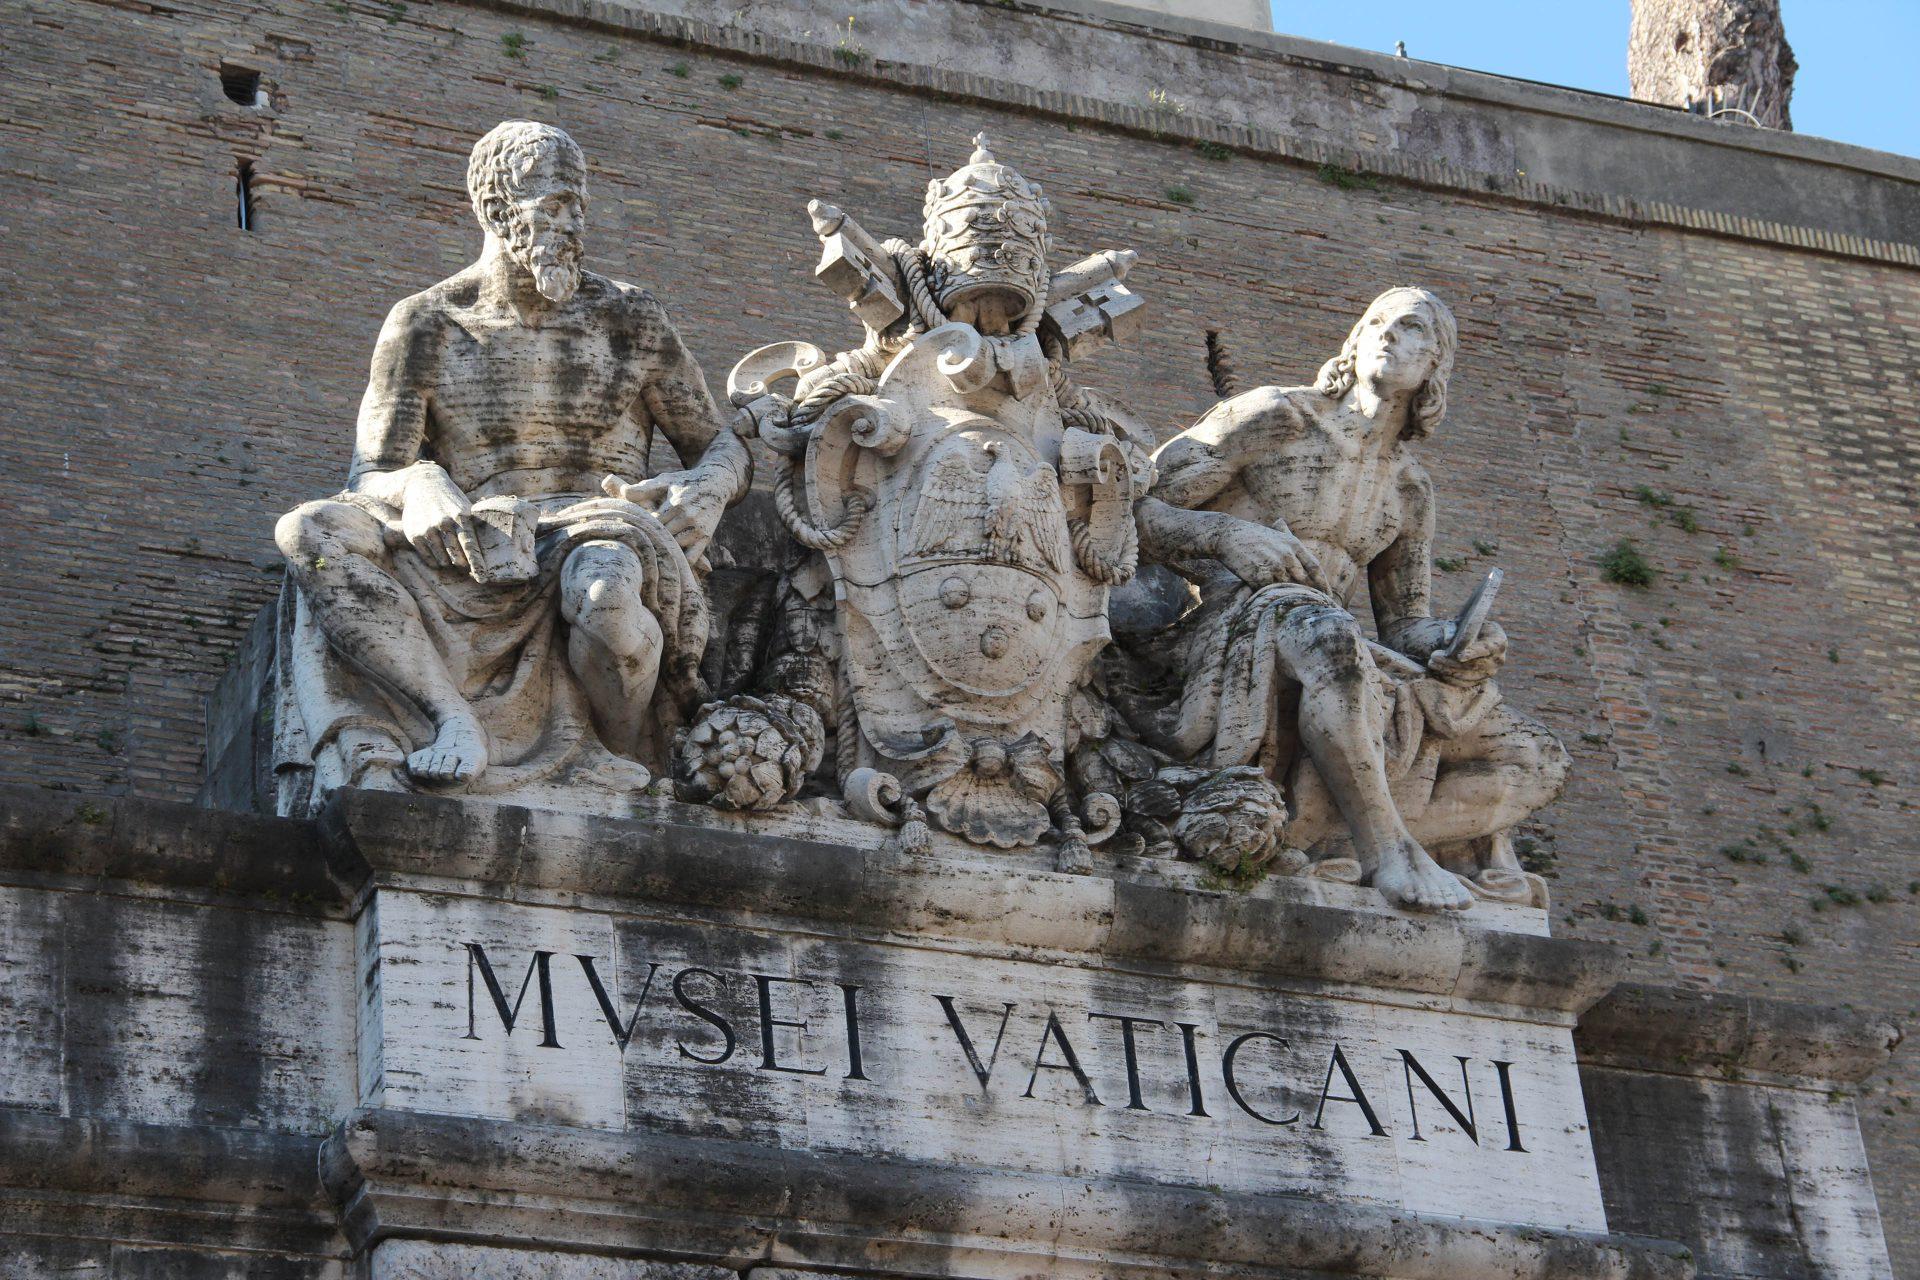 musei vaticano